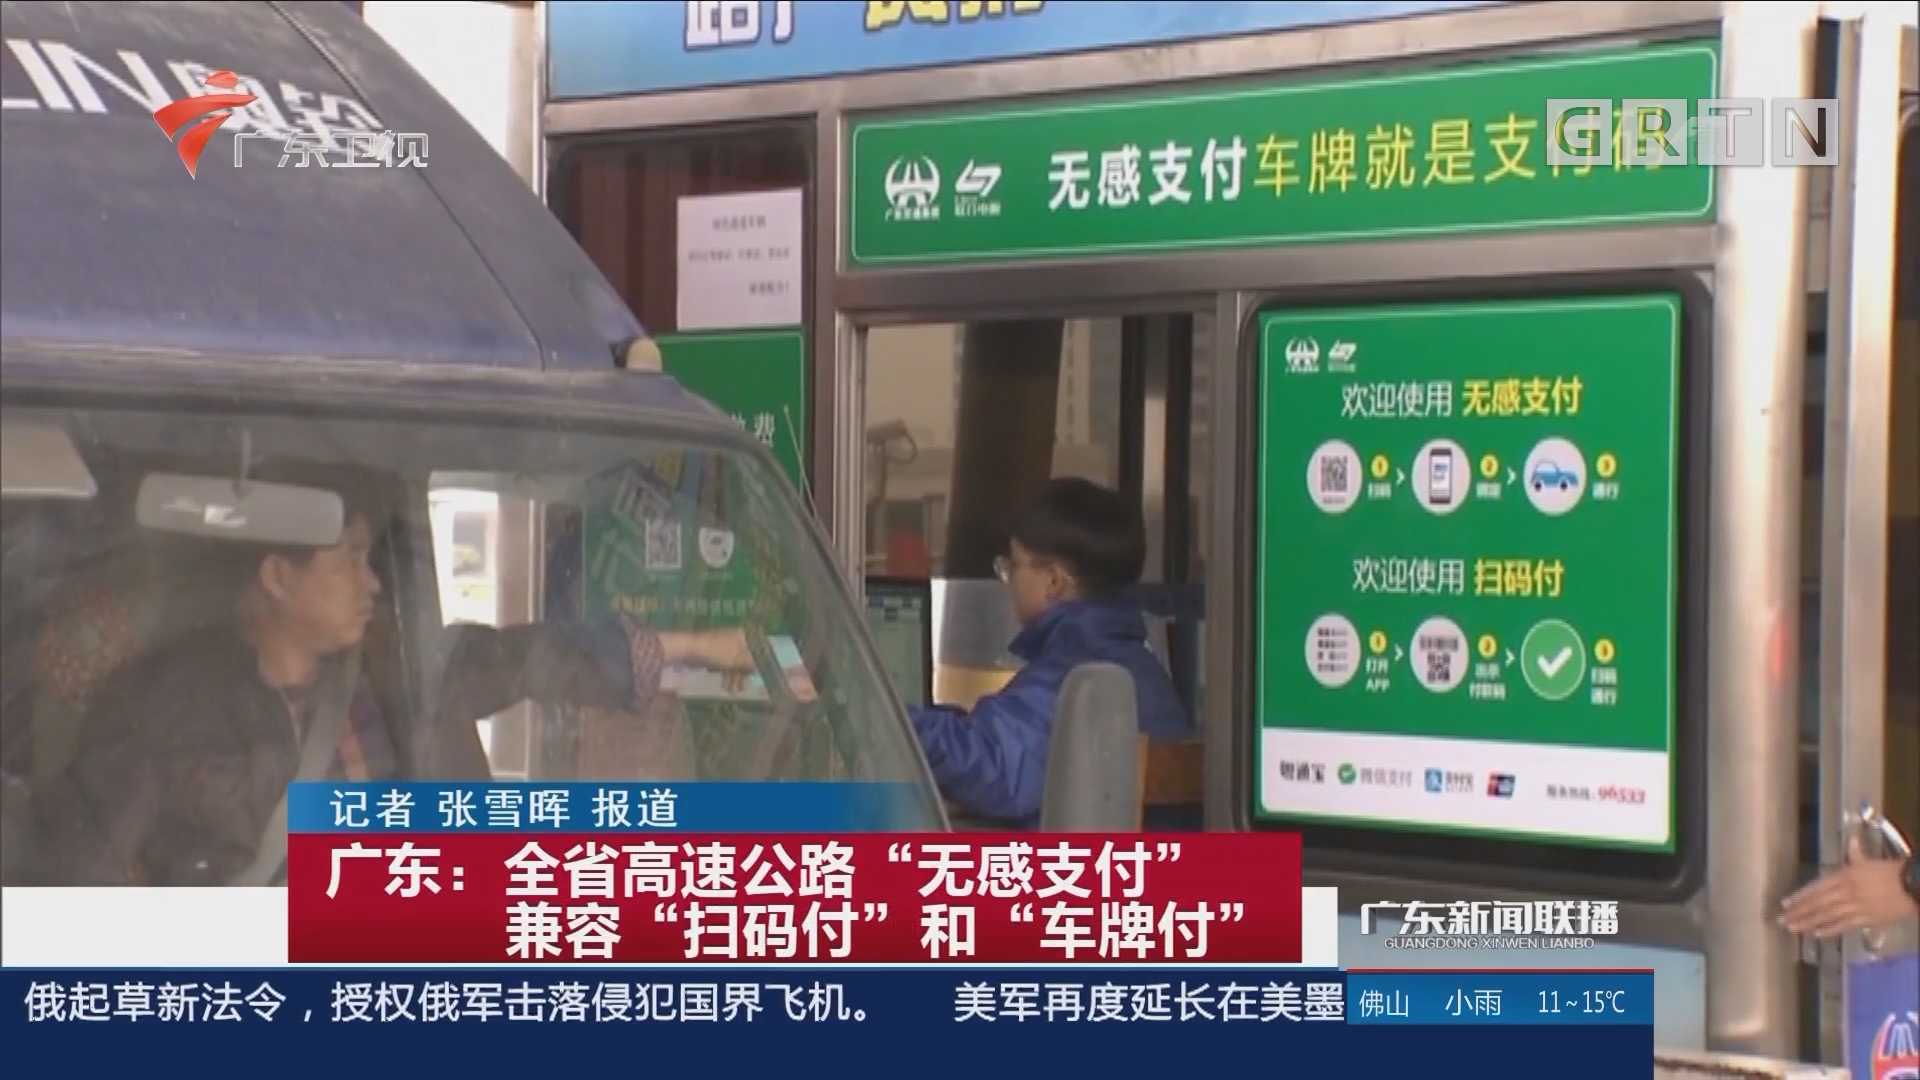 """广东:全省高速公路""""无感支付"""" 兼容""""扫码付""""和""""车牌付"""""""